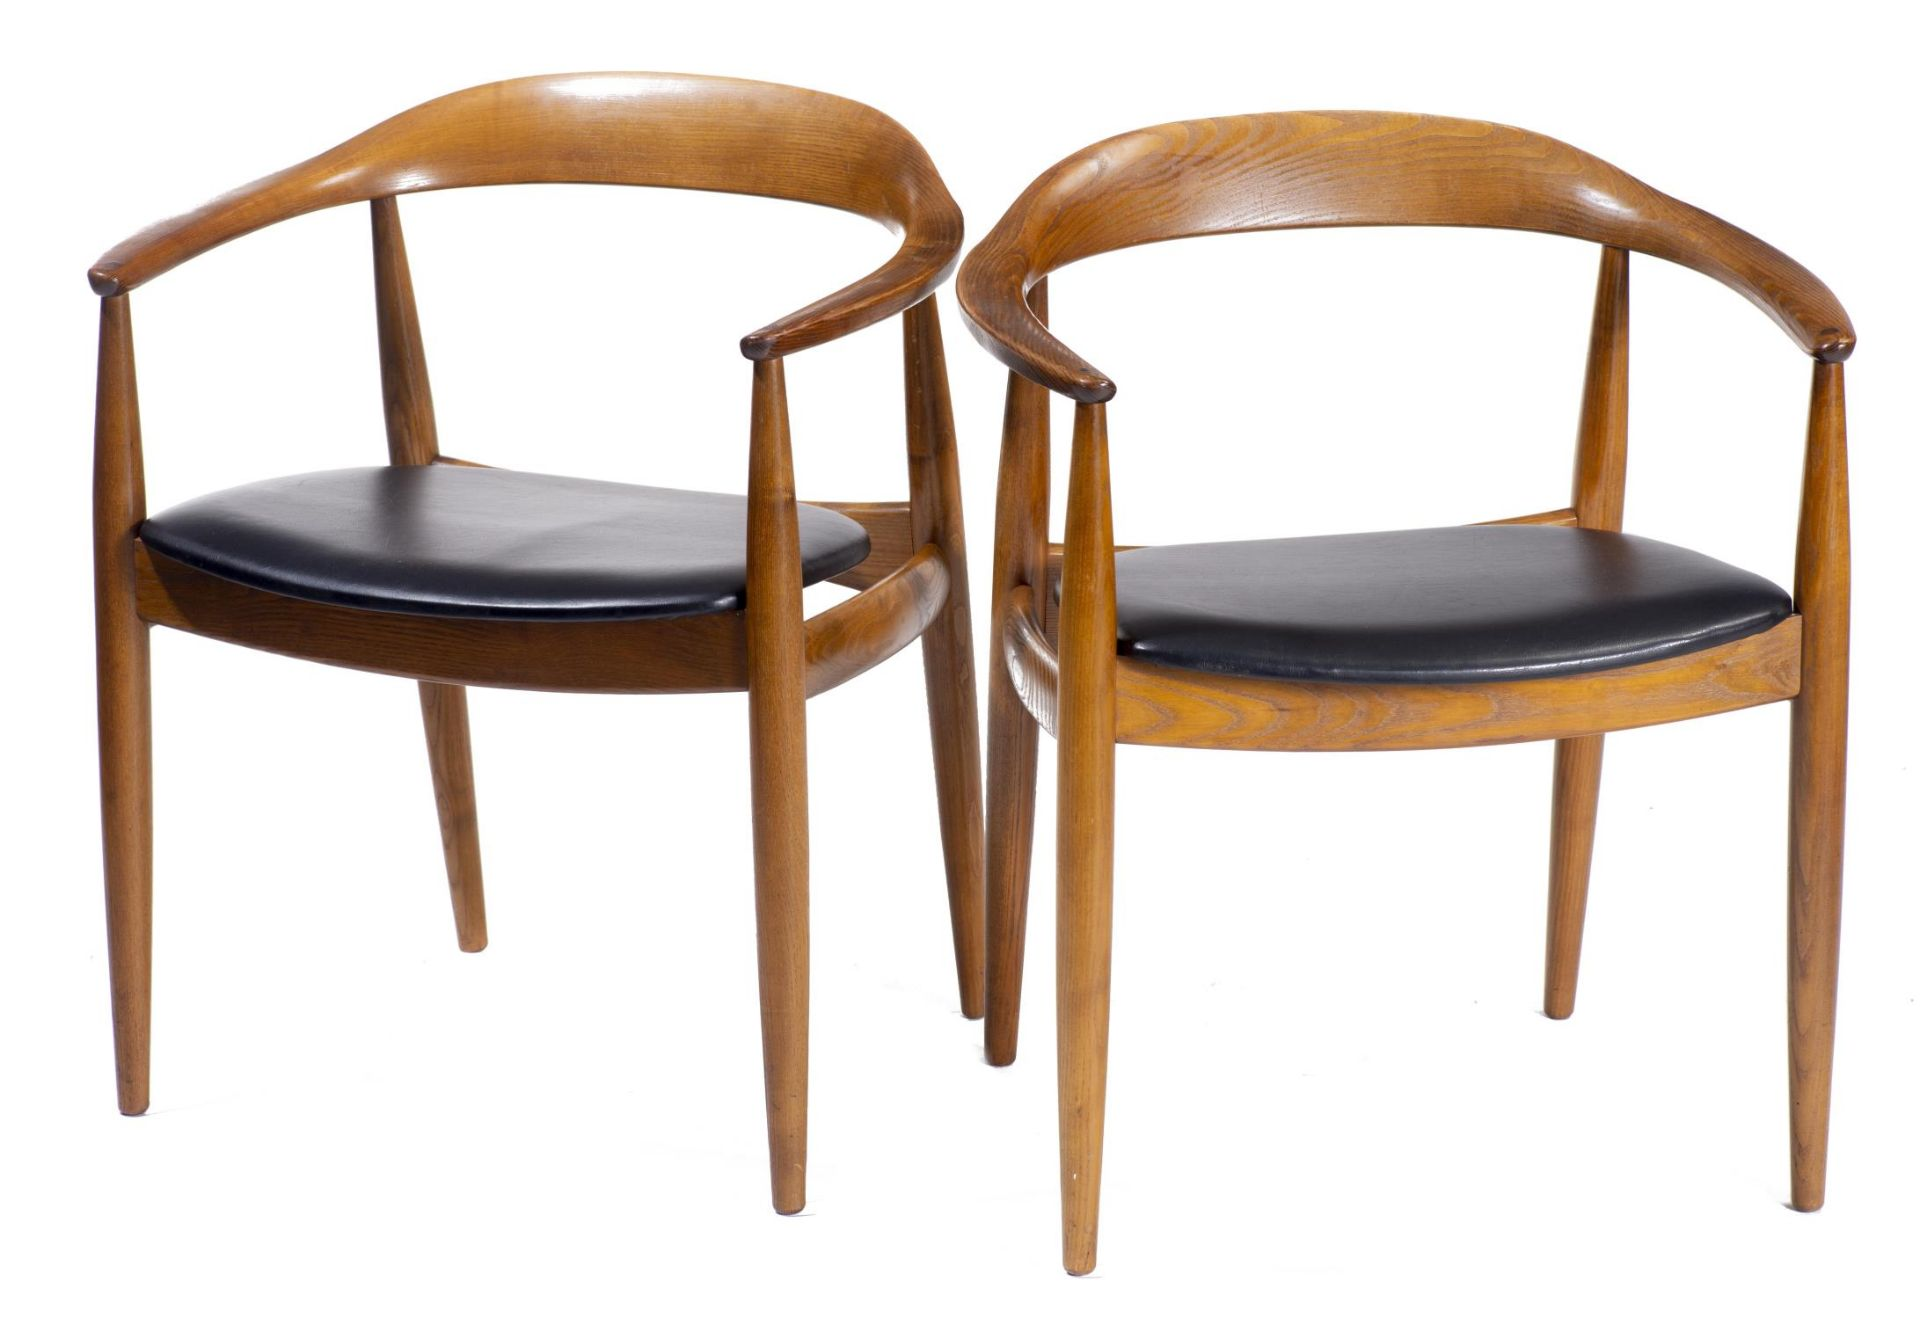 Quatre chaises en teck et deux fauteuils en chêne de style scandinave - Bild 2 aus 9